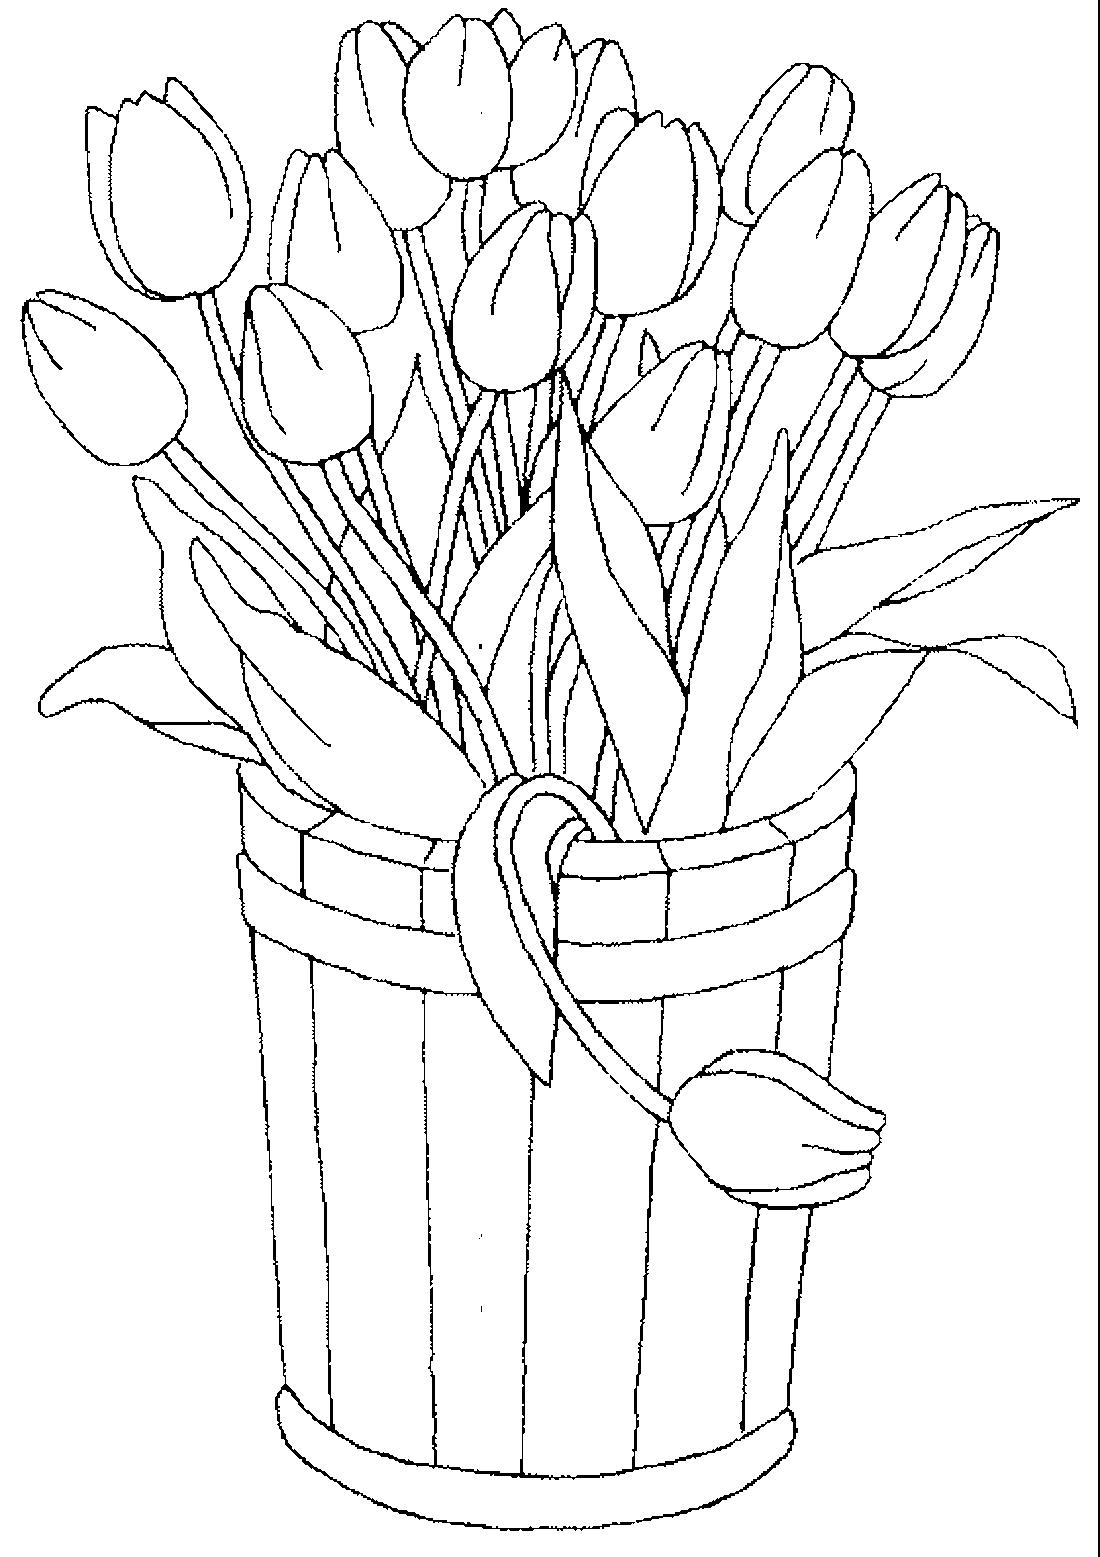 Тюльпаны в ведре - раскраска №14172   Printonic.ru